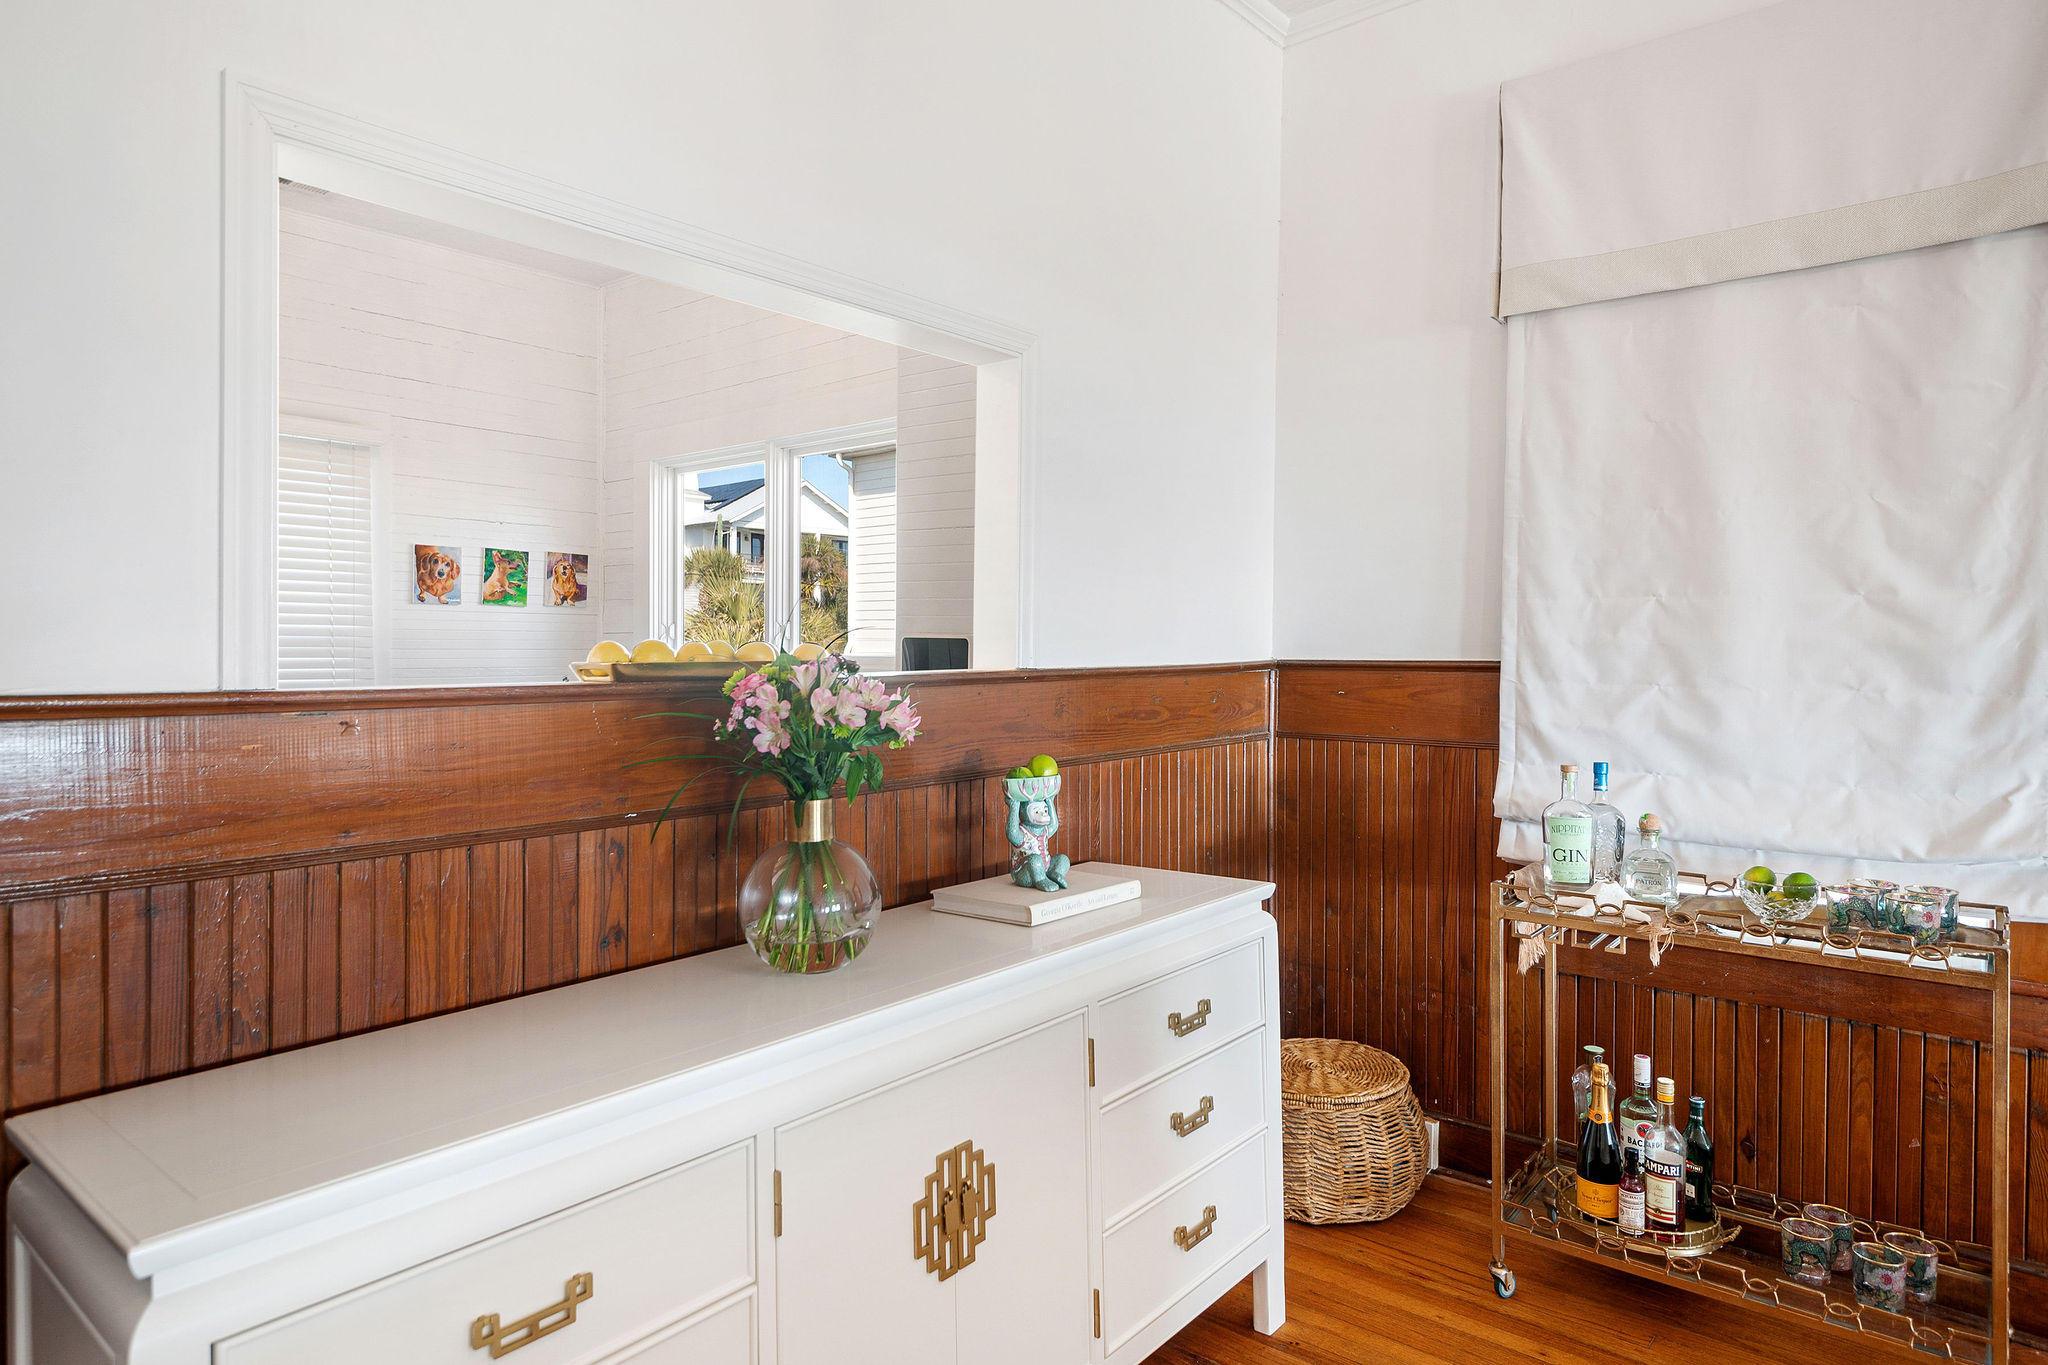 Folly Beach Homes For Sale - 509 Ashley, Folly Beach, SC - 29